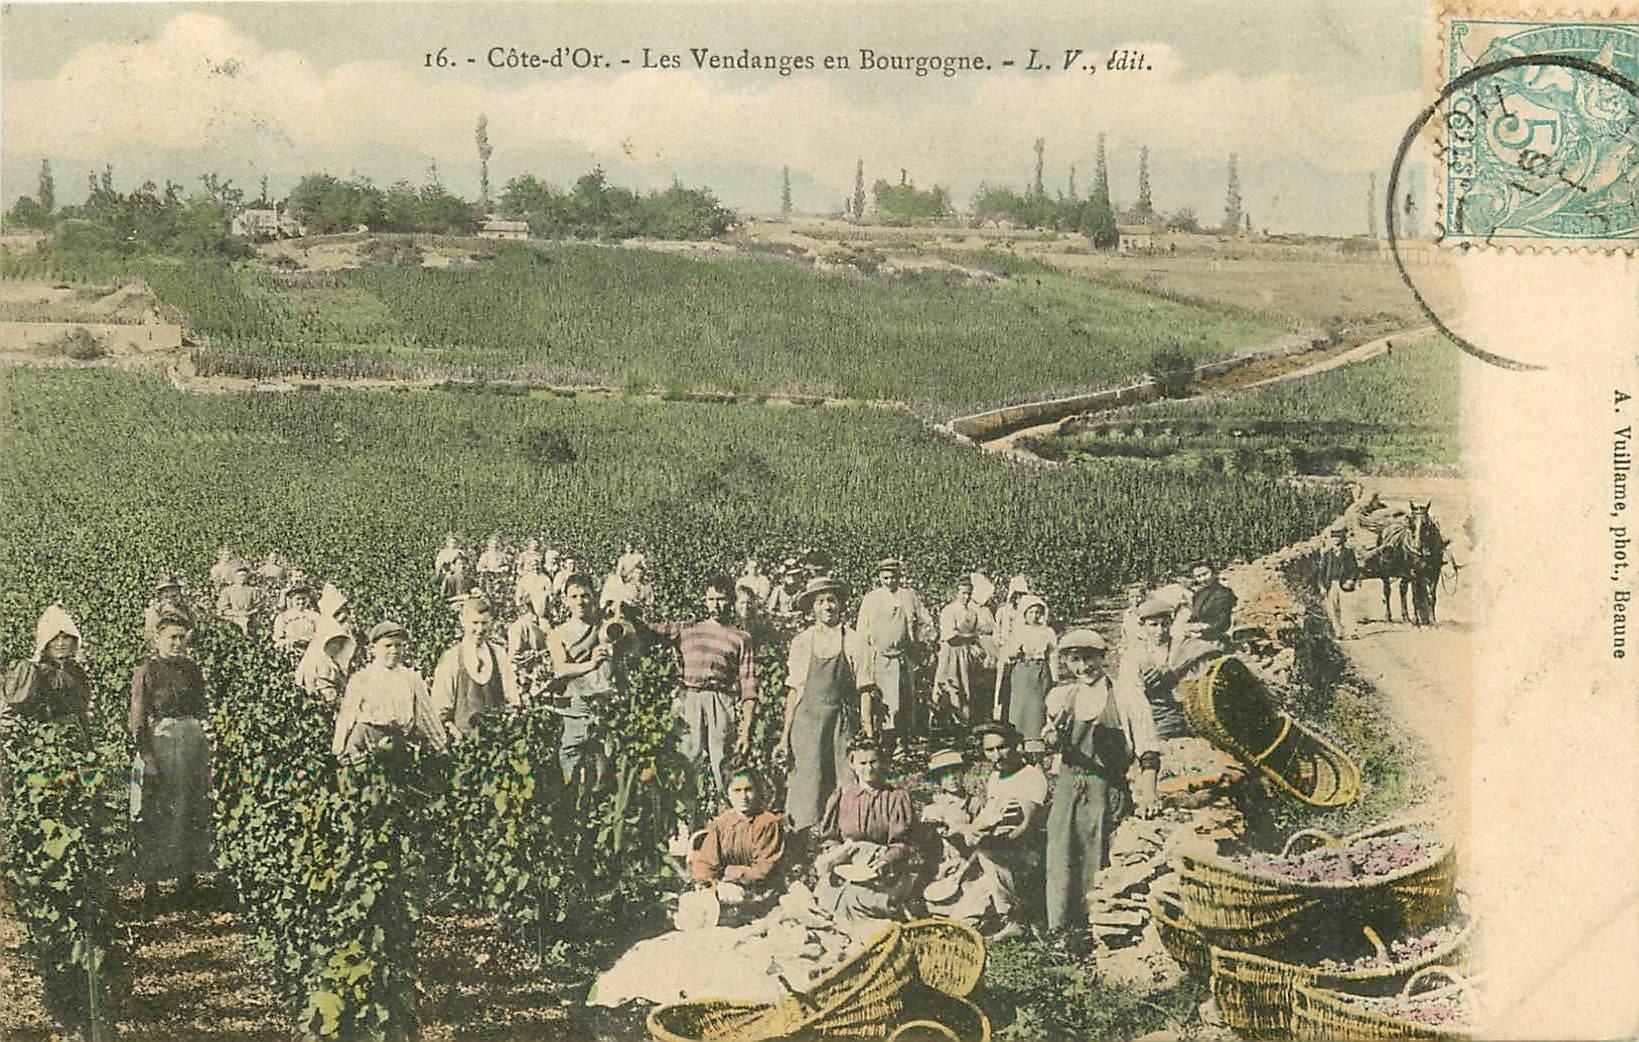 21 COTE D'OR. Les Vendanges en Bourgogne 1905. Vin Vignes Vignobles et Crus